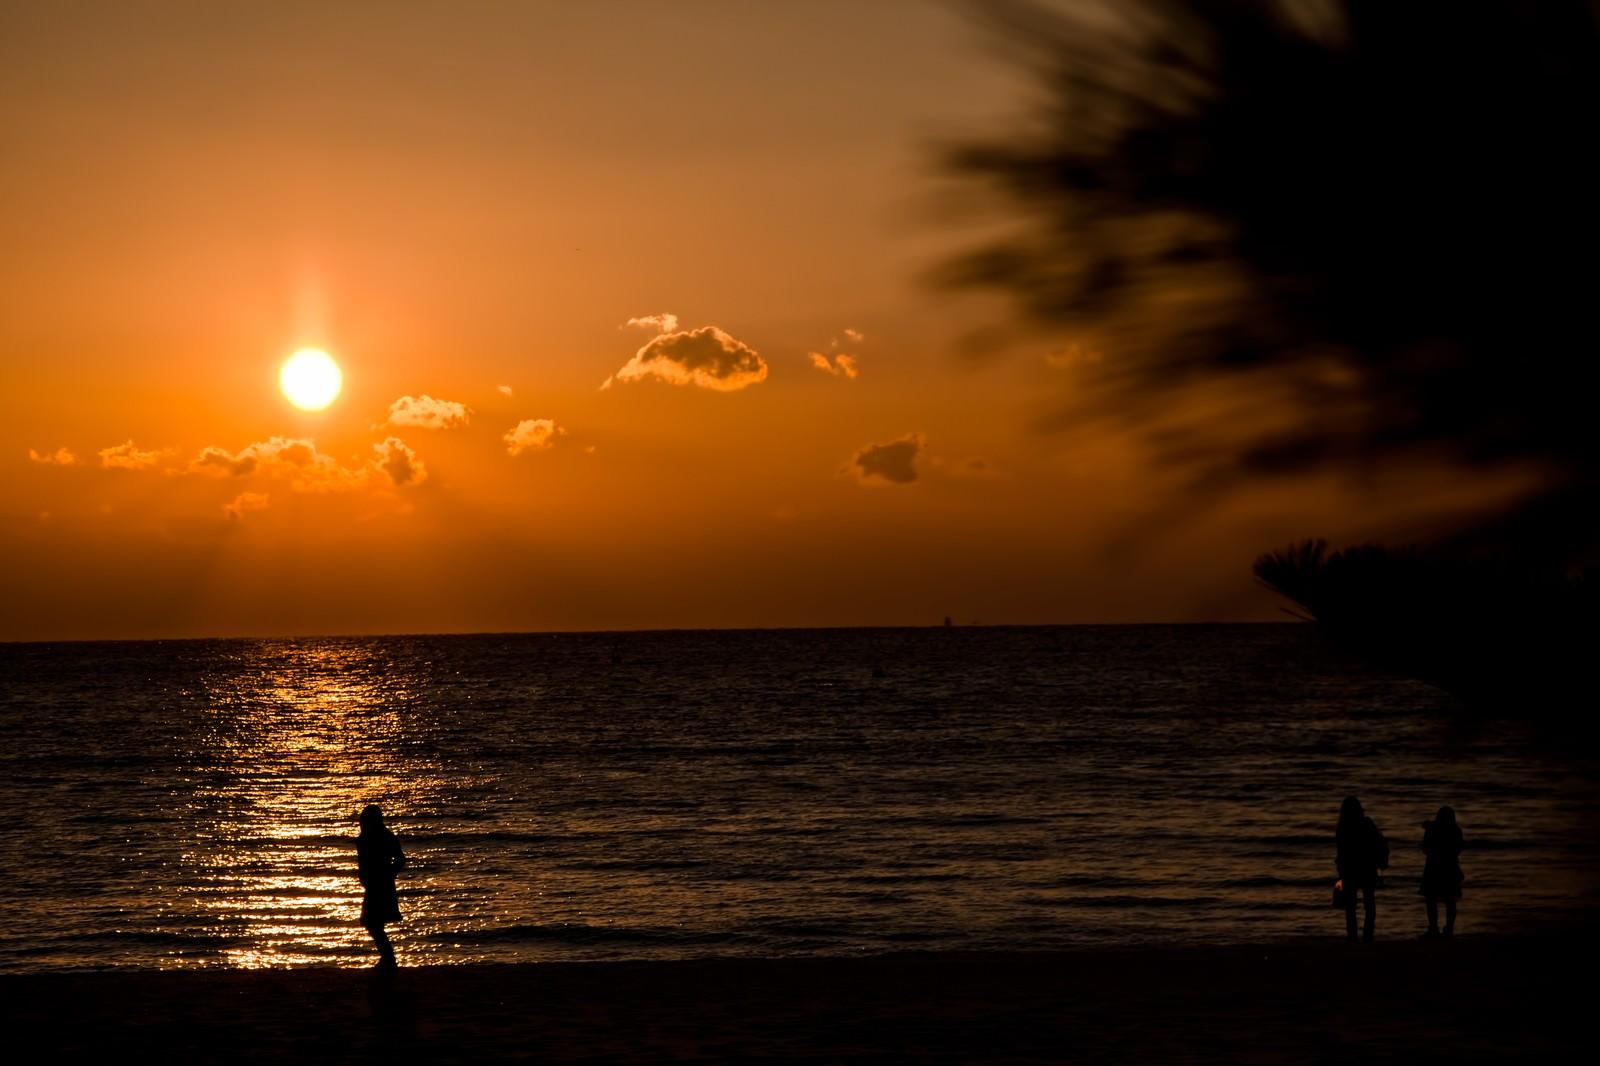 「夕焼けの浜辺」の写真